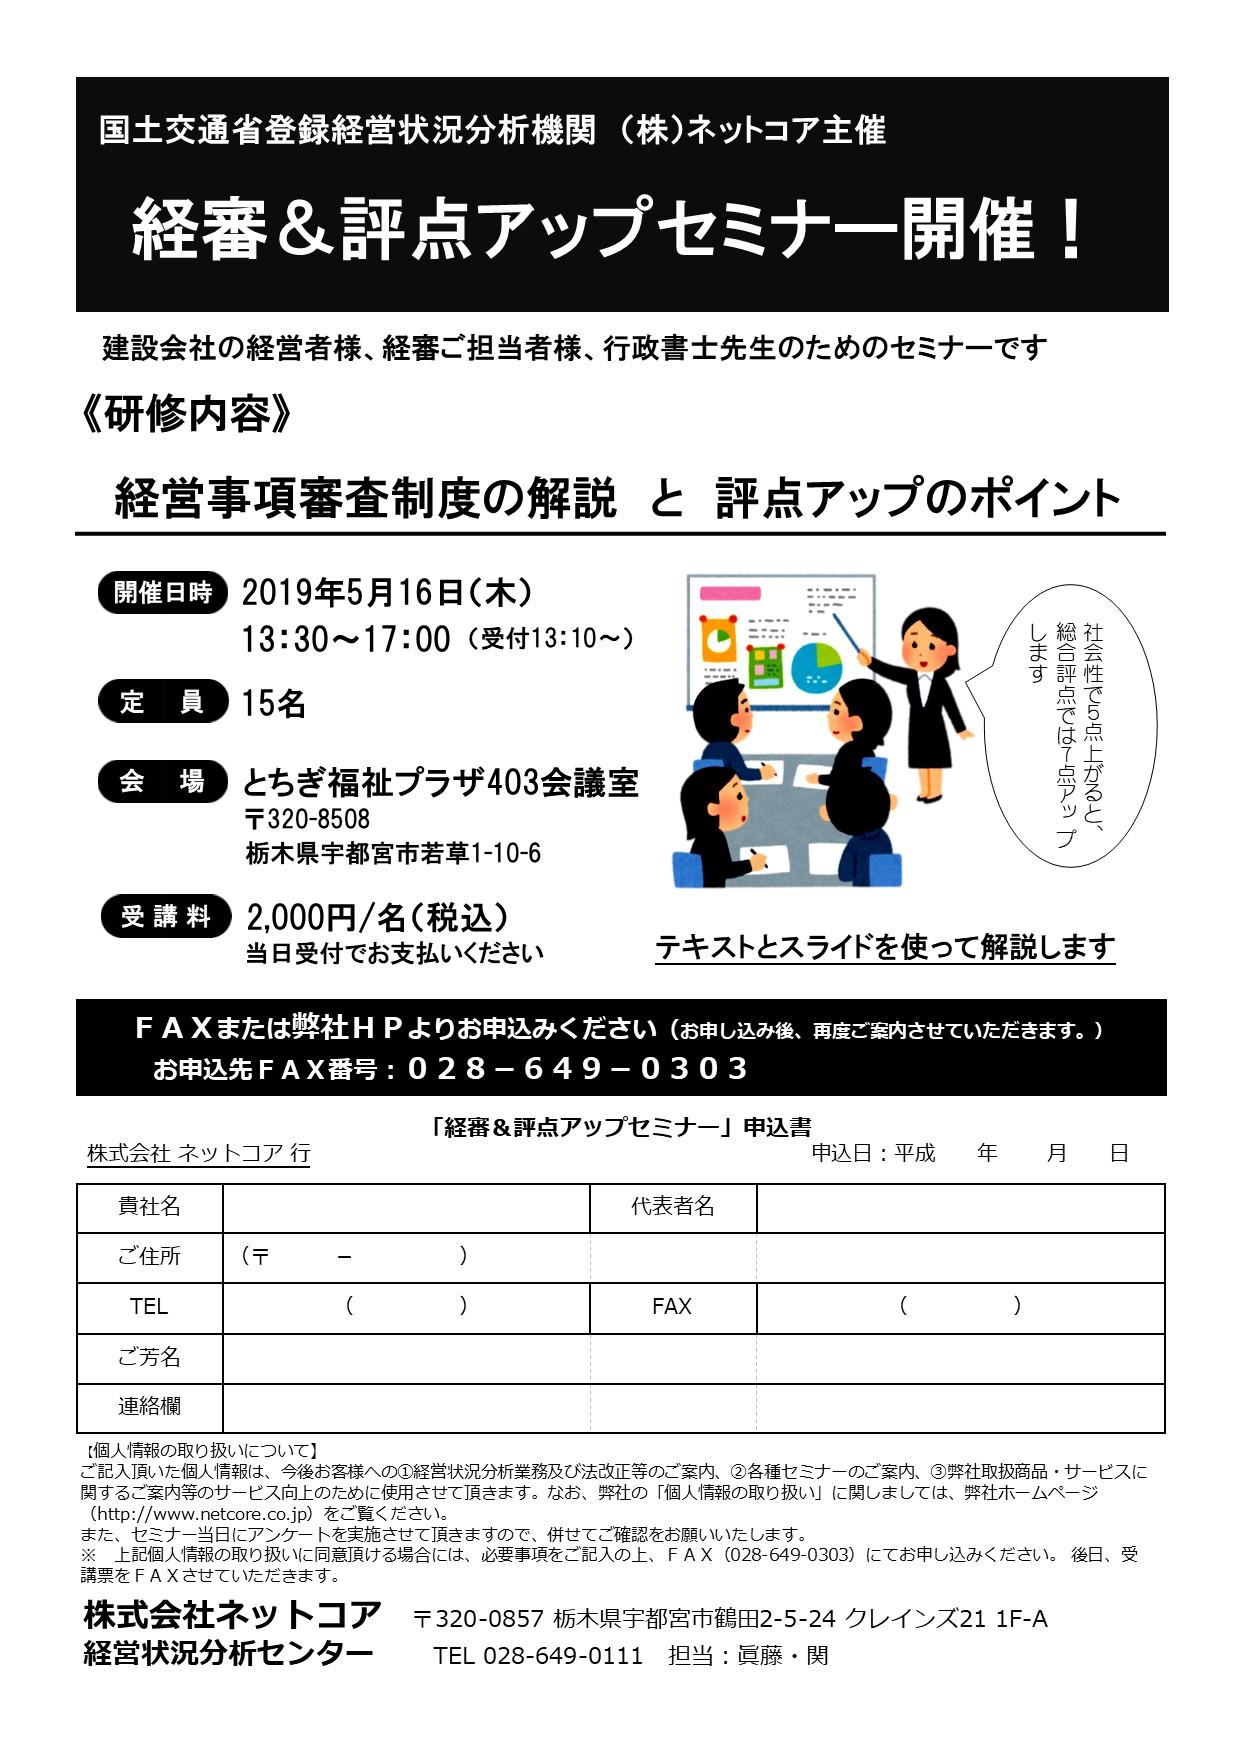 20190516_セミナーご案内・申込書.jpg